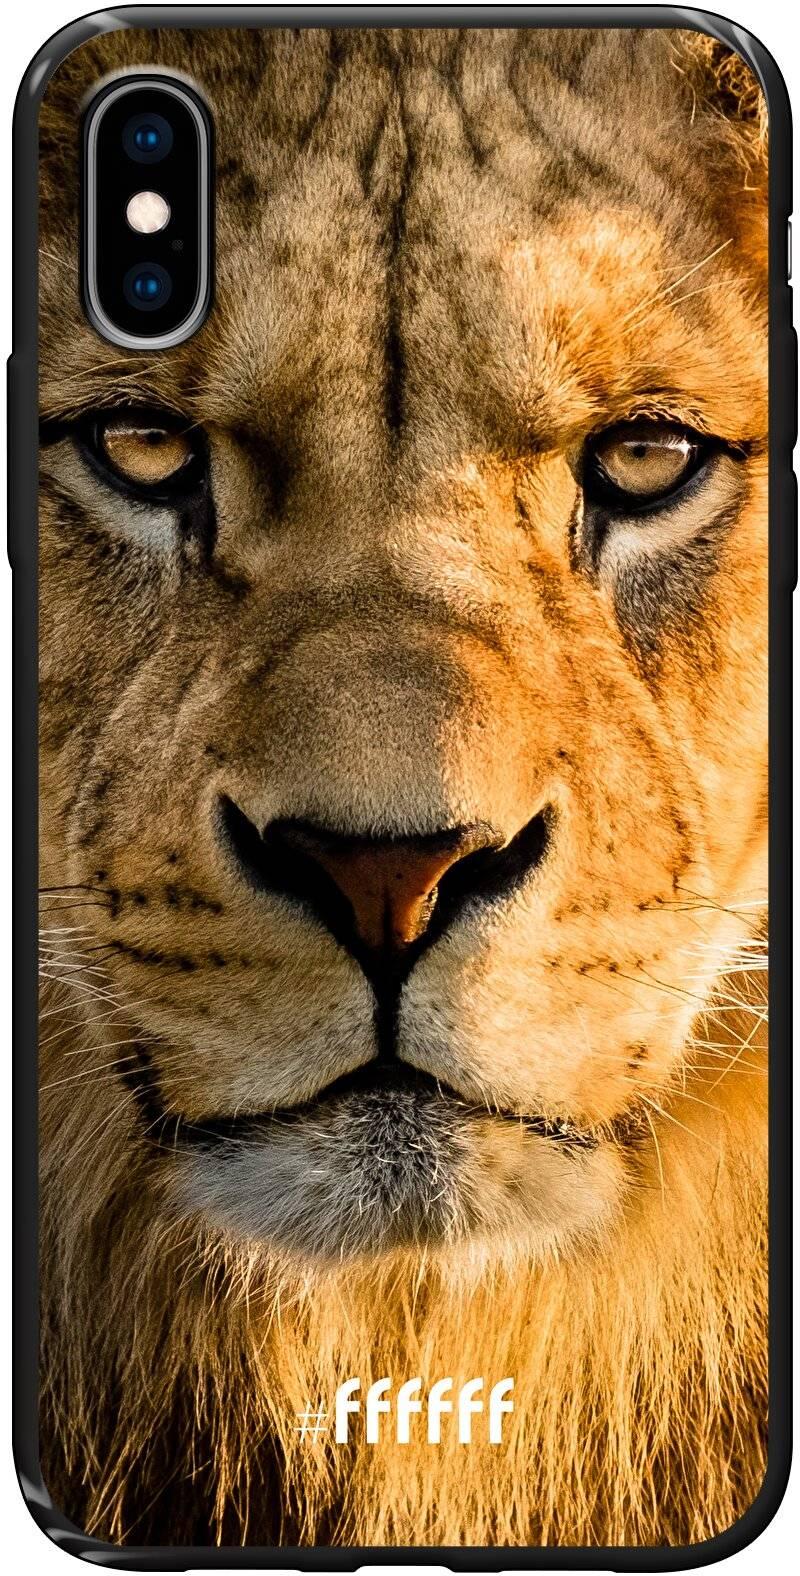 Leo iPhone X